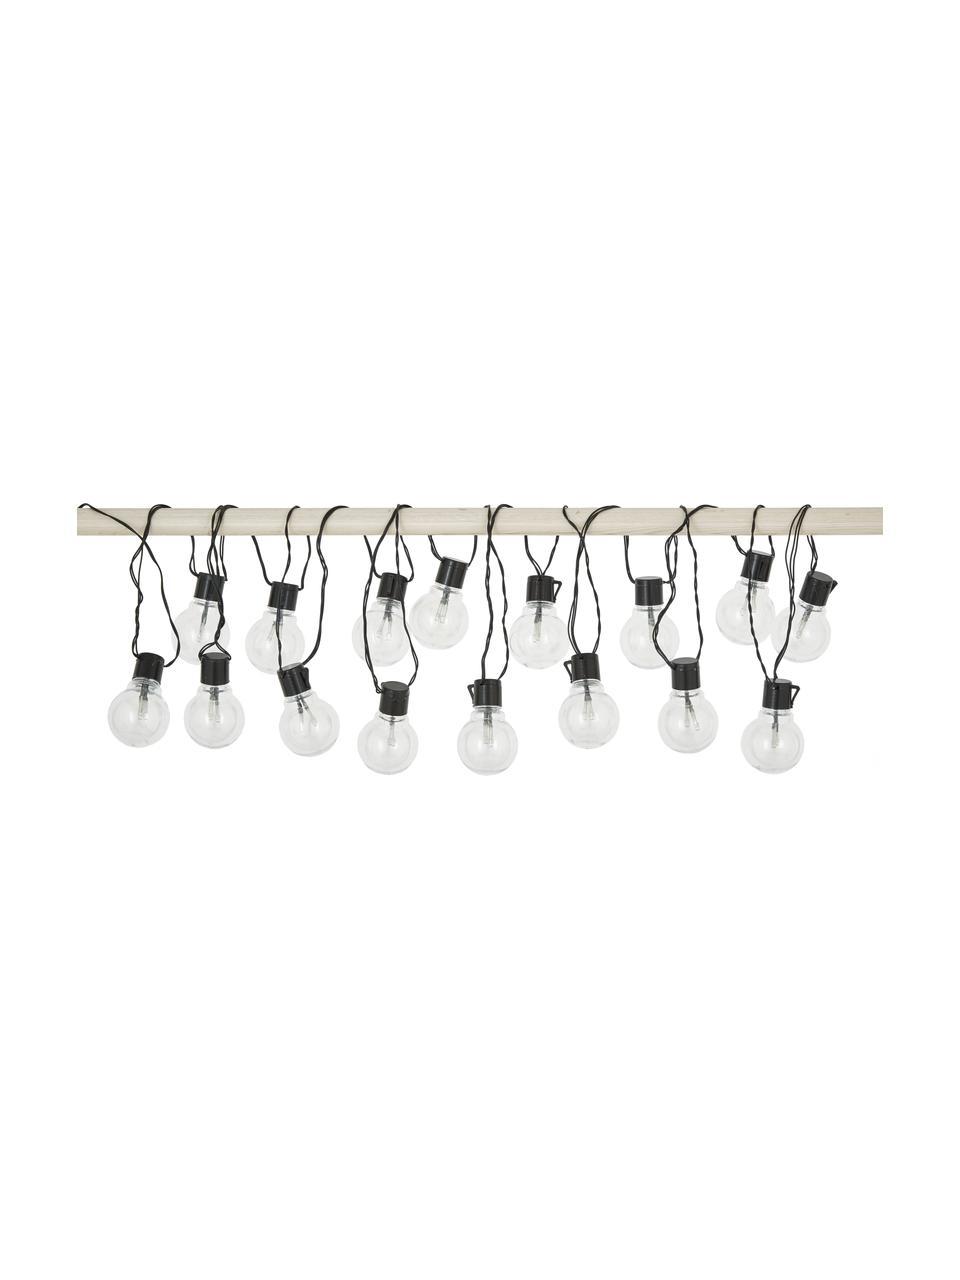 Guirlande lumineuse guinguette LED Partaj, 950cm, Noir